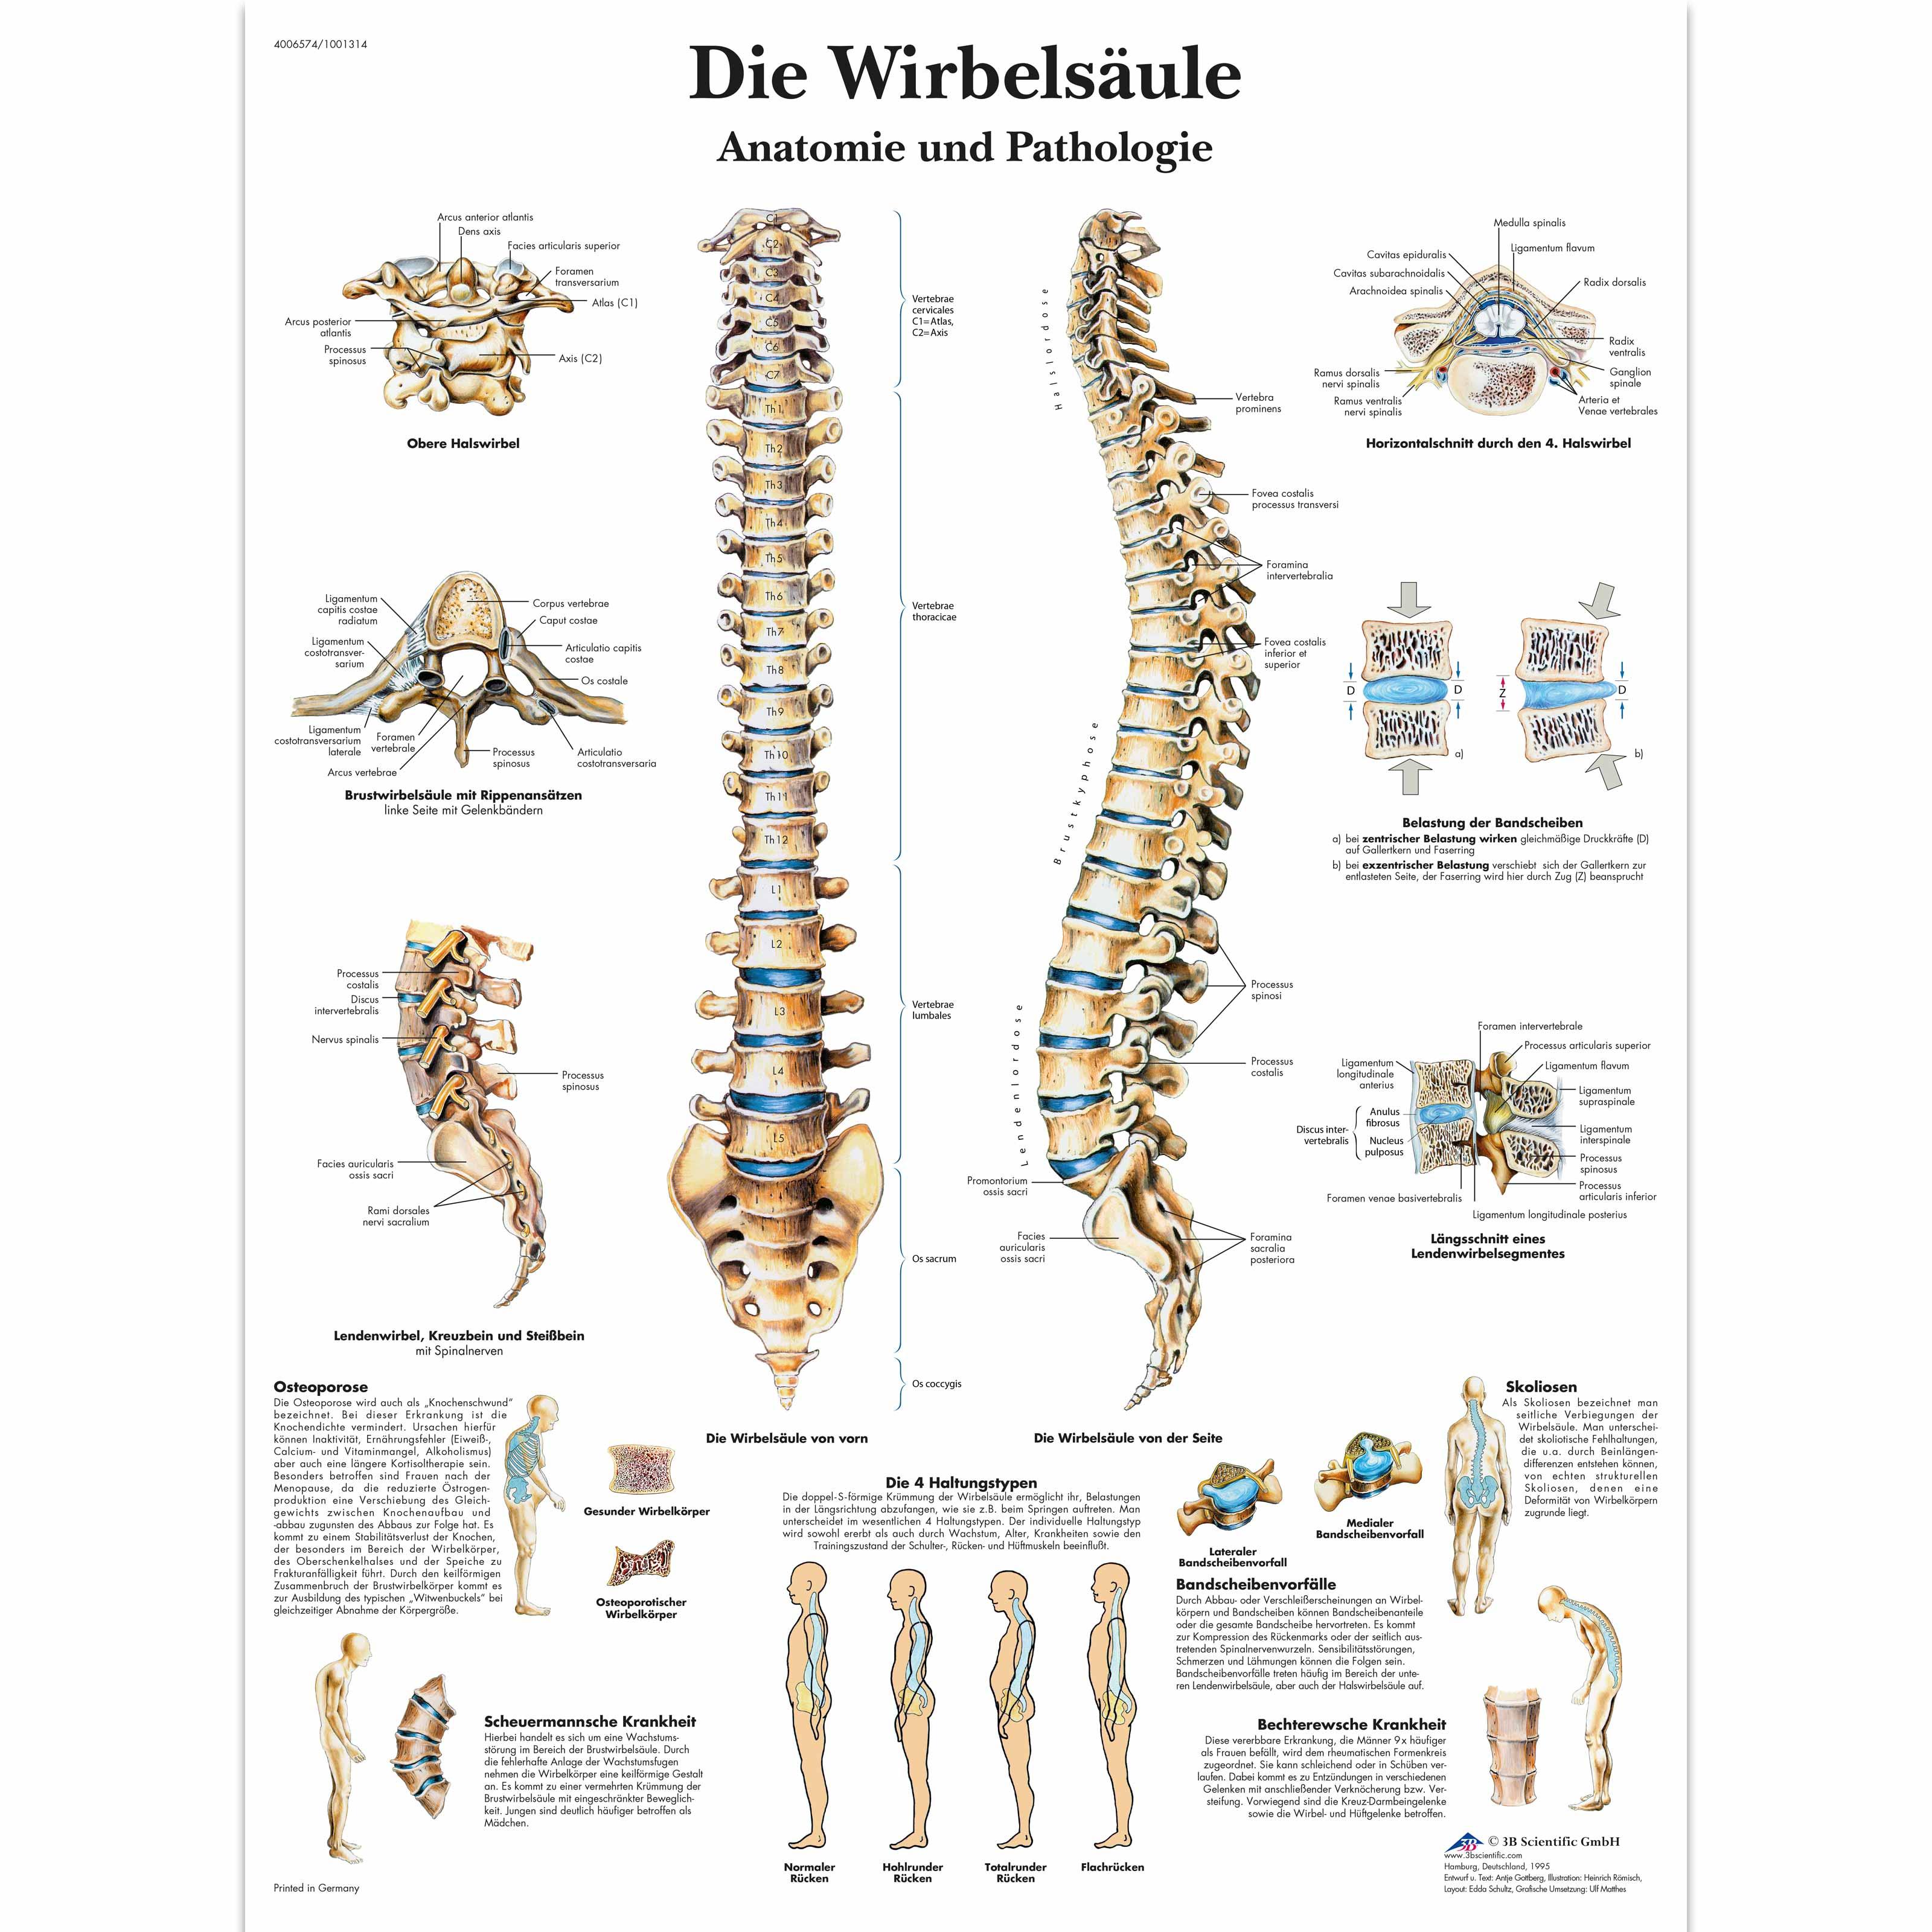 Ausgezeichnet Anatomie Und Physiologie Für Anfänger Fotos ...